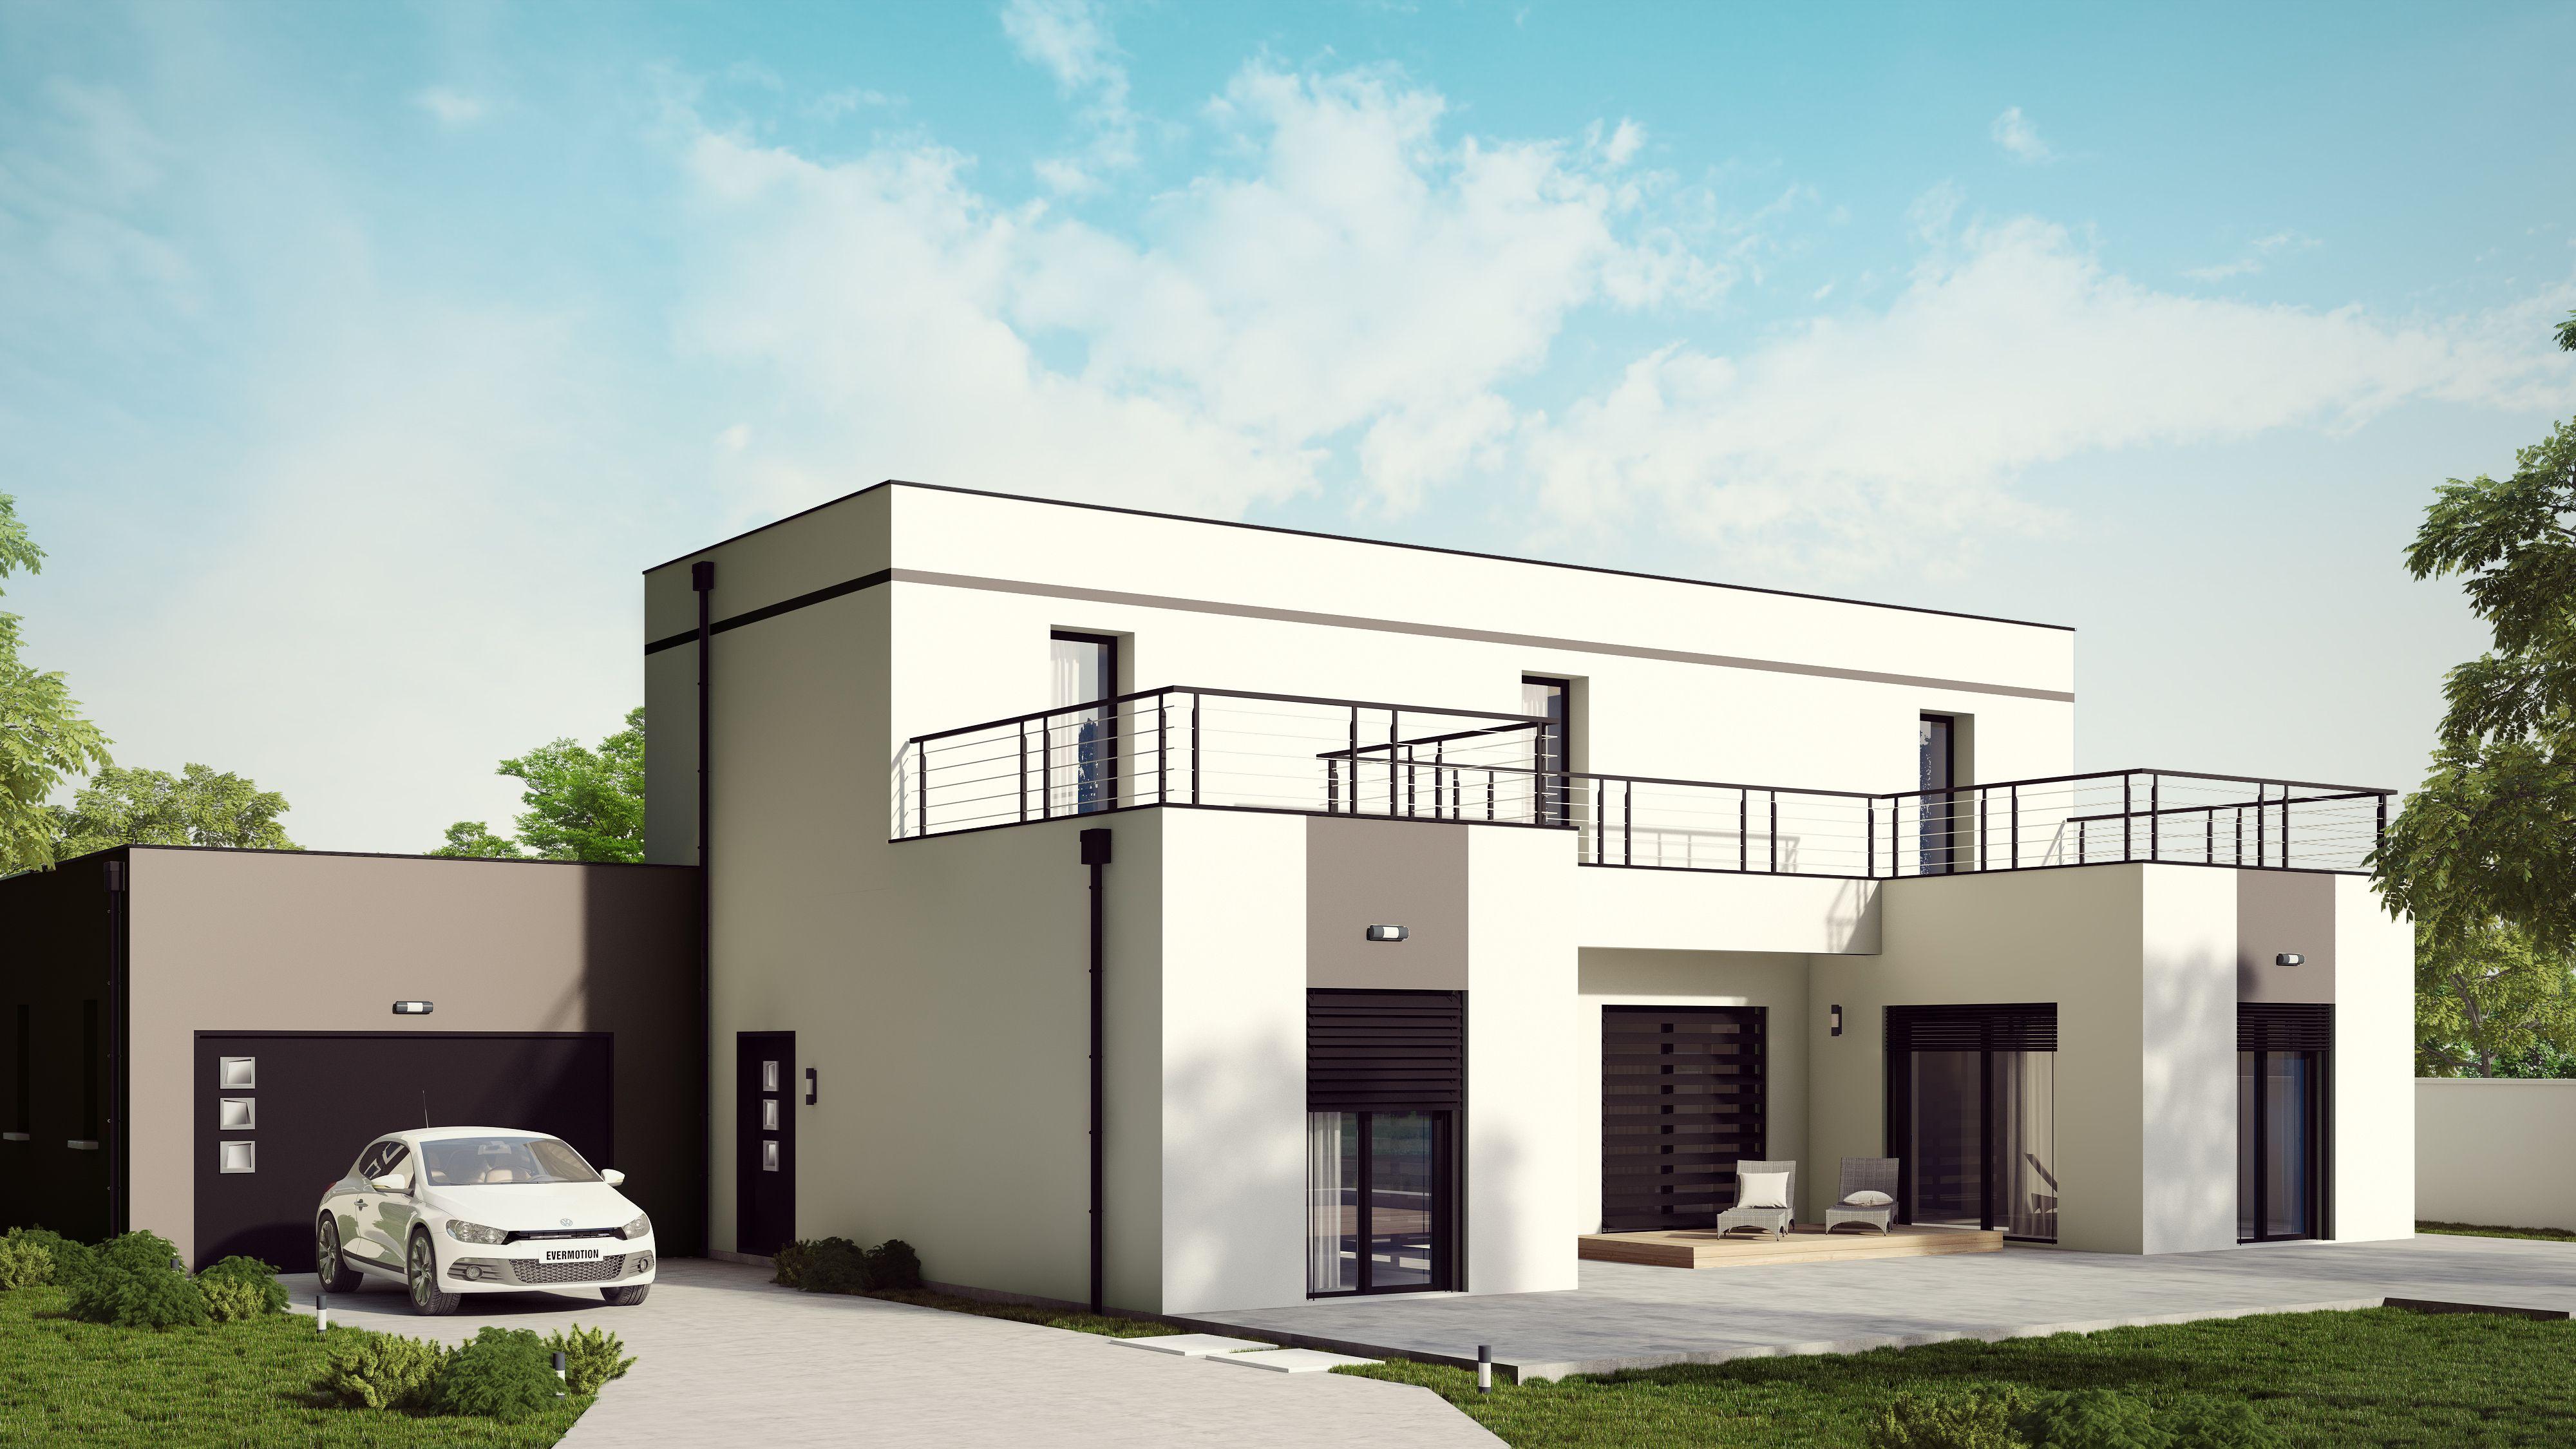 Maison loft 2 maison laure 370000 euros m2 for Construire une maison france